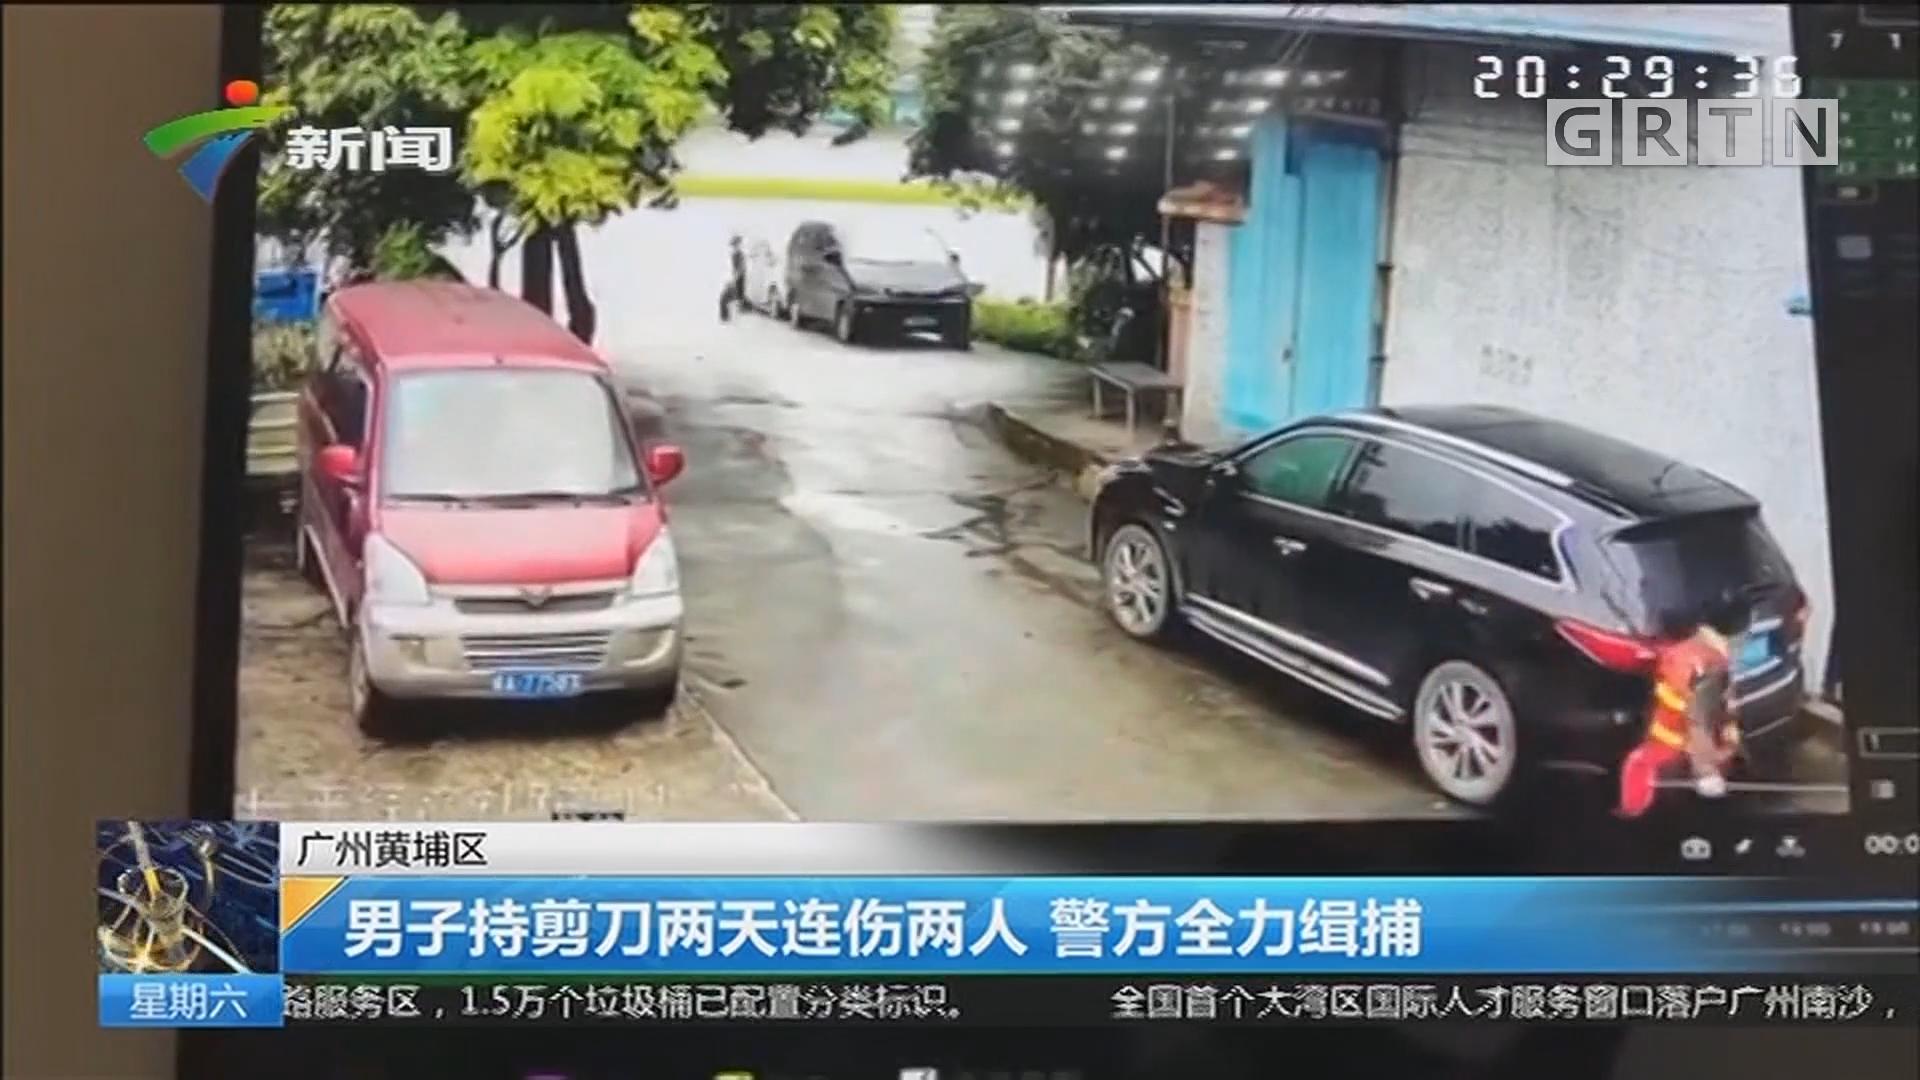 廣州黃埔區:男子持剪刀兩天連傷兩人 警方全力緝捕